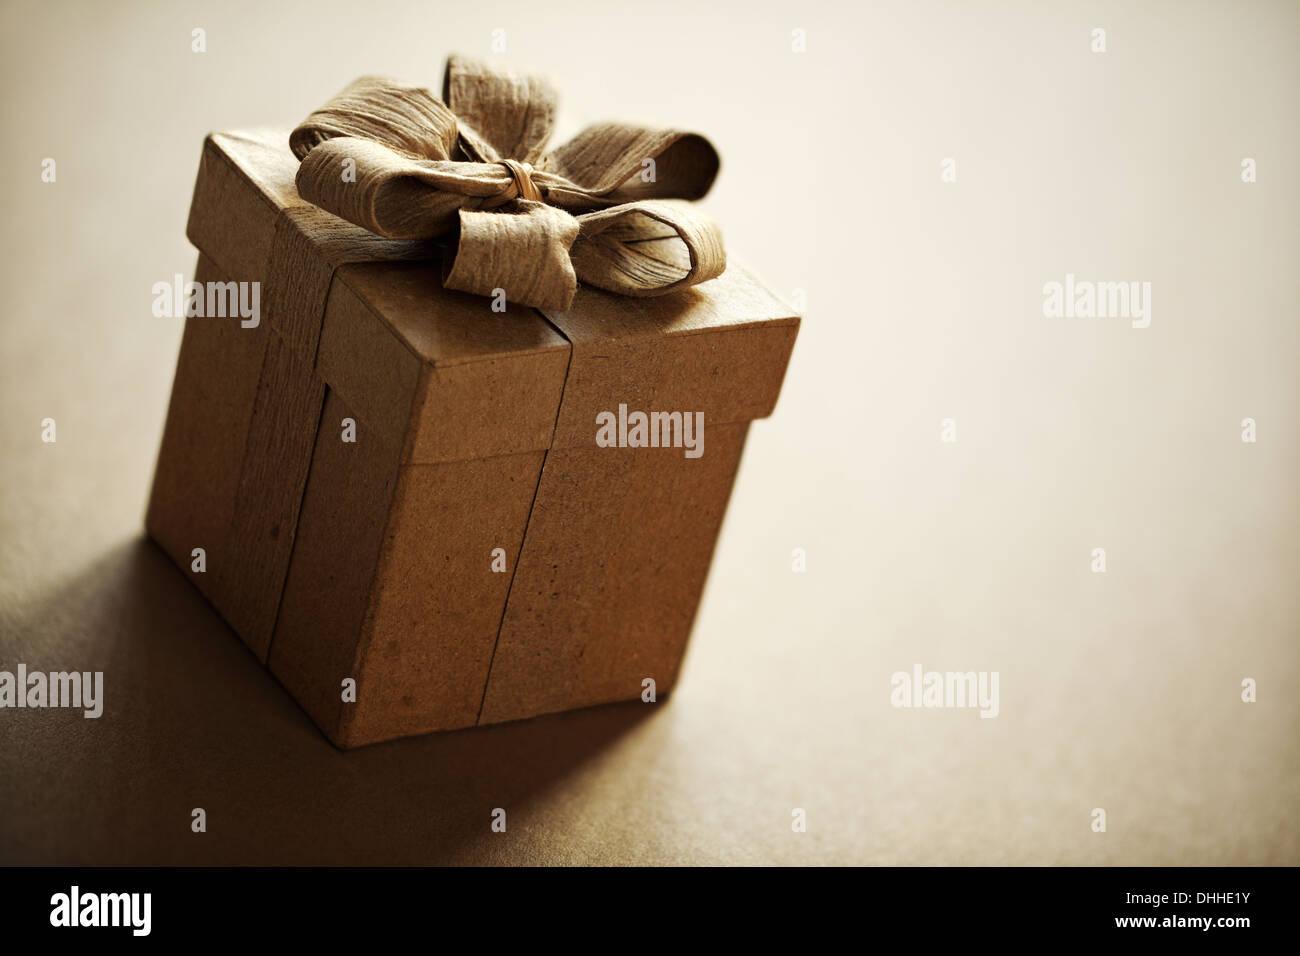 Caja de regalo o regalo de Navidad Imagen De Stock